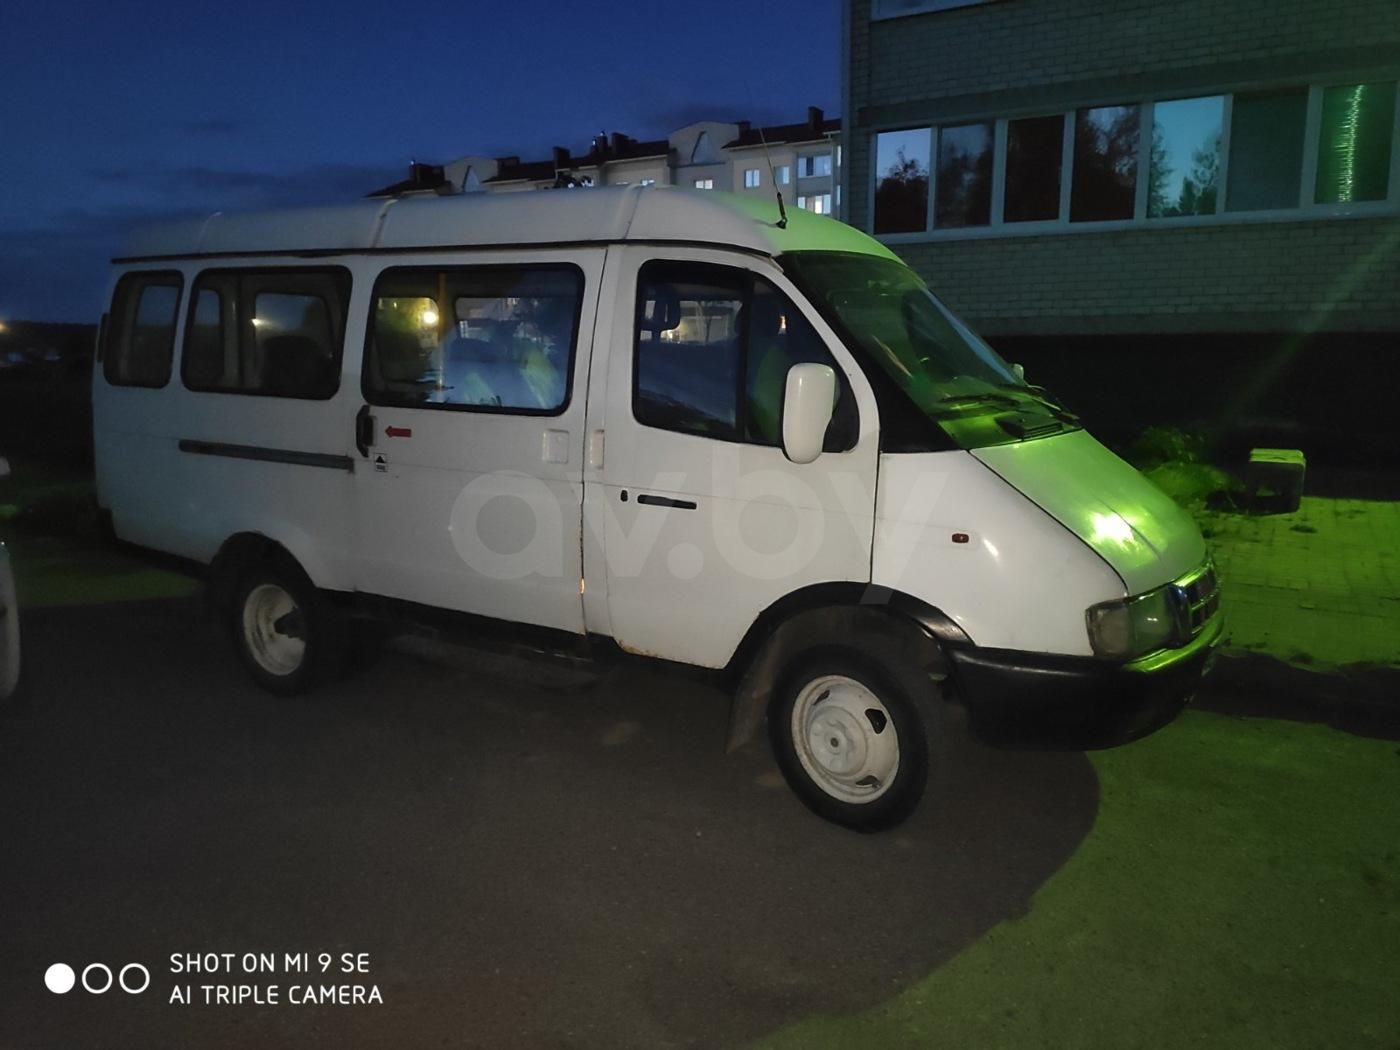 ГАЗ 3221, 2000 г.